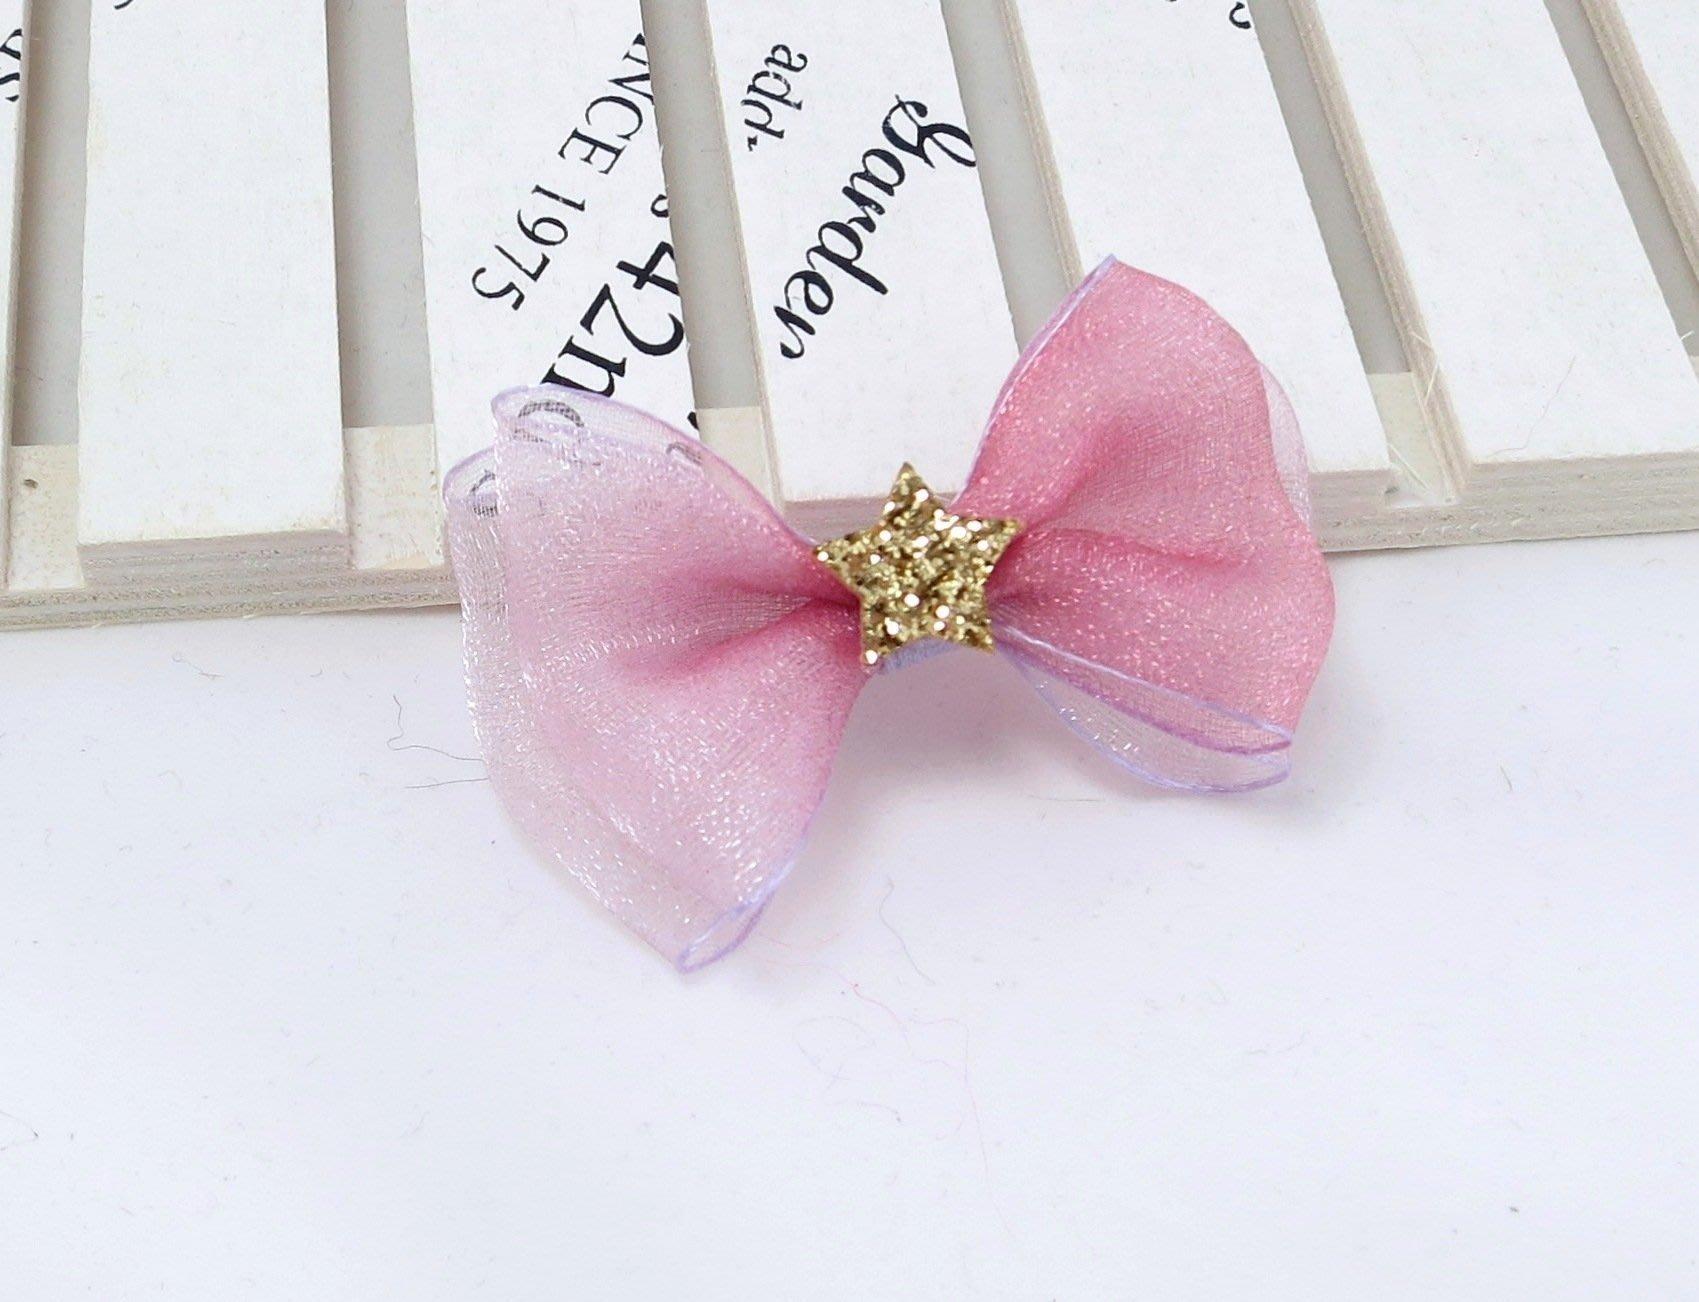 檸檬手作髮飾   紫色漸層幻紗星星小蝴蝶結髮夾/邊夾/瀏海夾/髮束